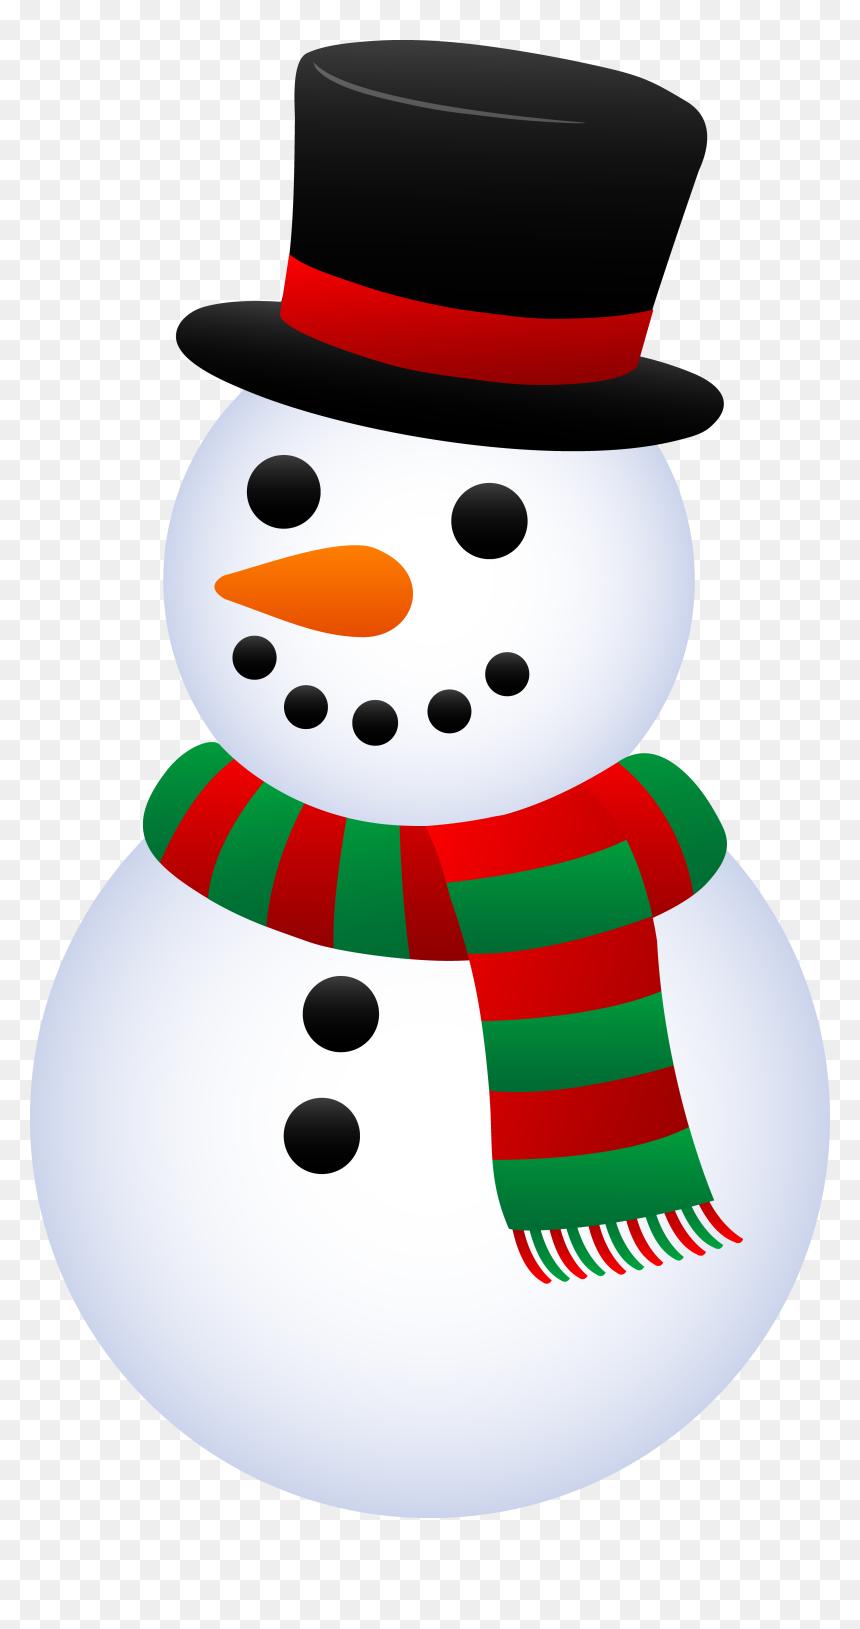 cute christmas snowman clipart graphic black and white christmas snowman clipart hd png download vhv cute christmas snowman clipart graphic